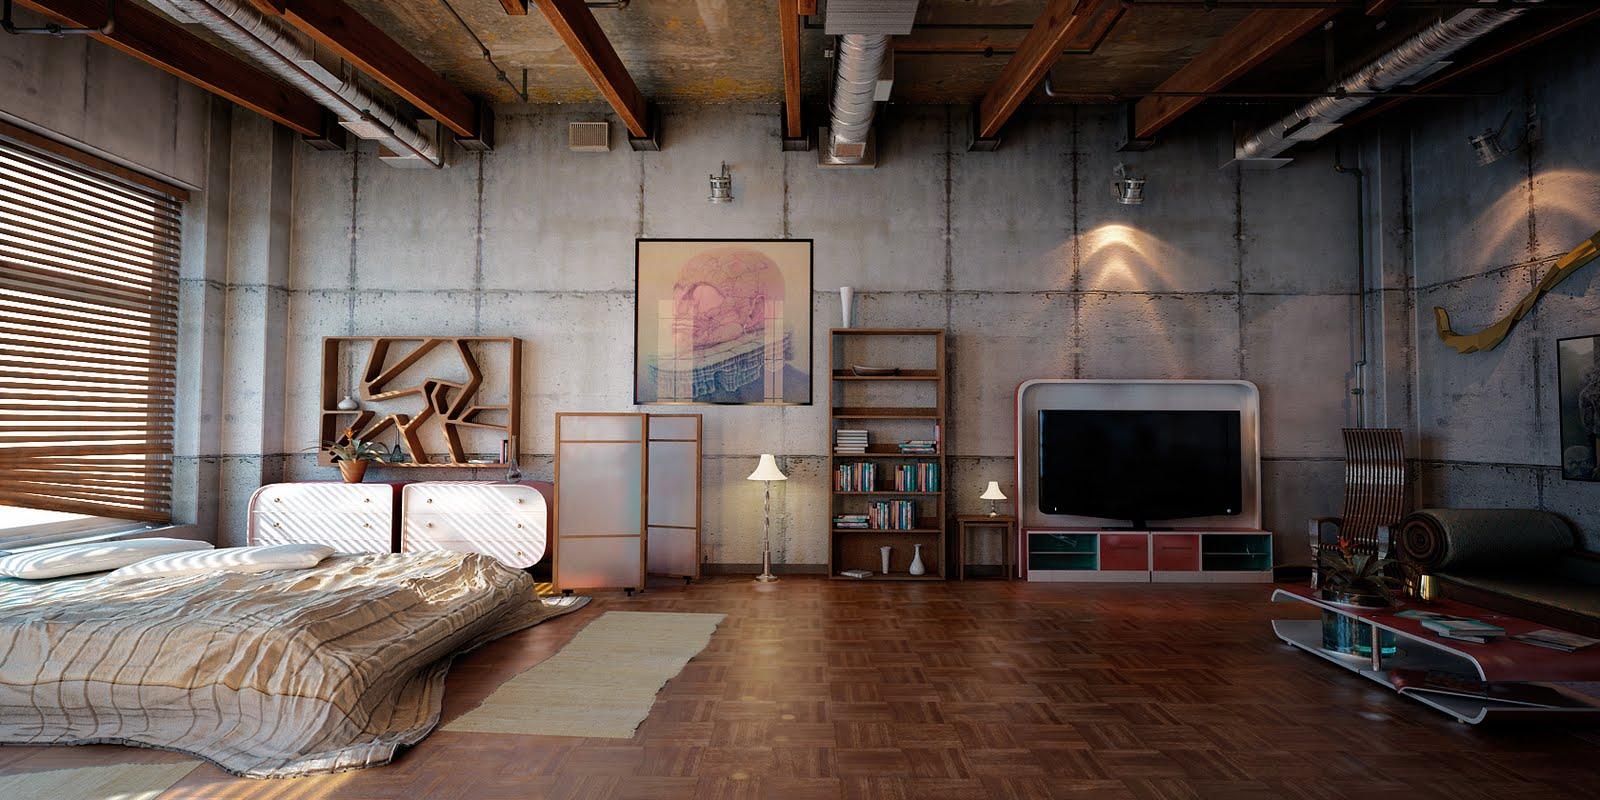 Phong cách nội thất Brutalism mang lại vẻ đẹp độc đáo mới lạ và giản dị